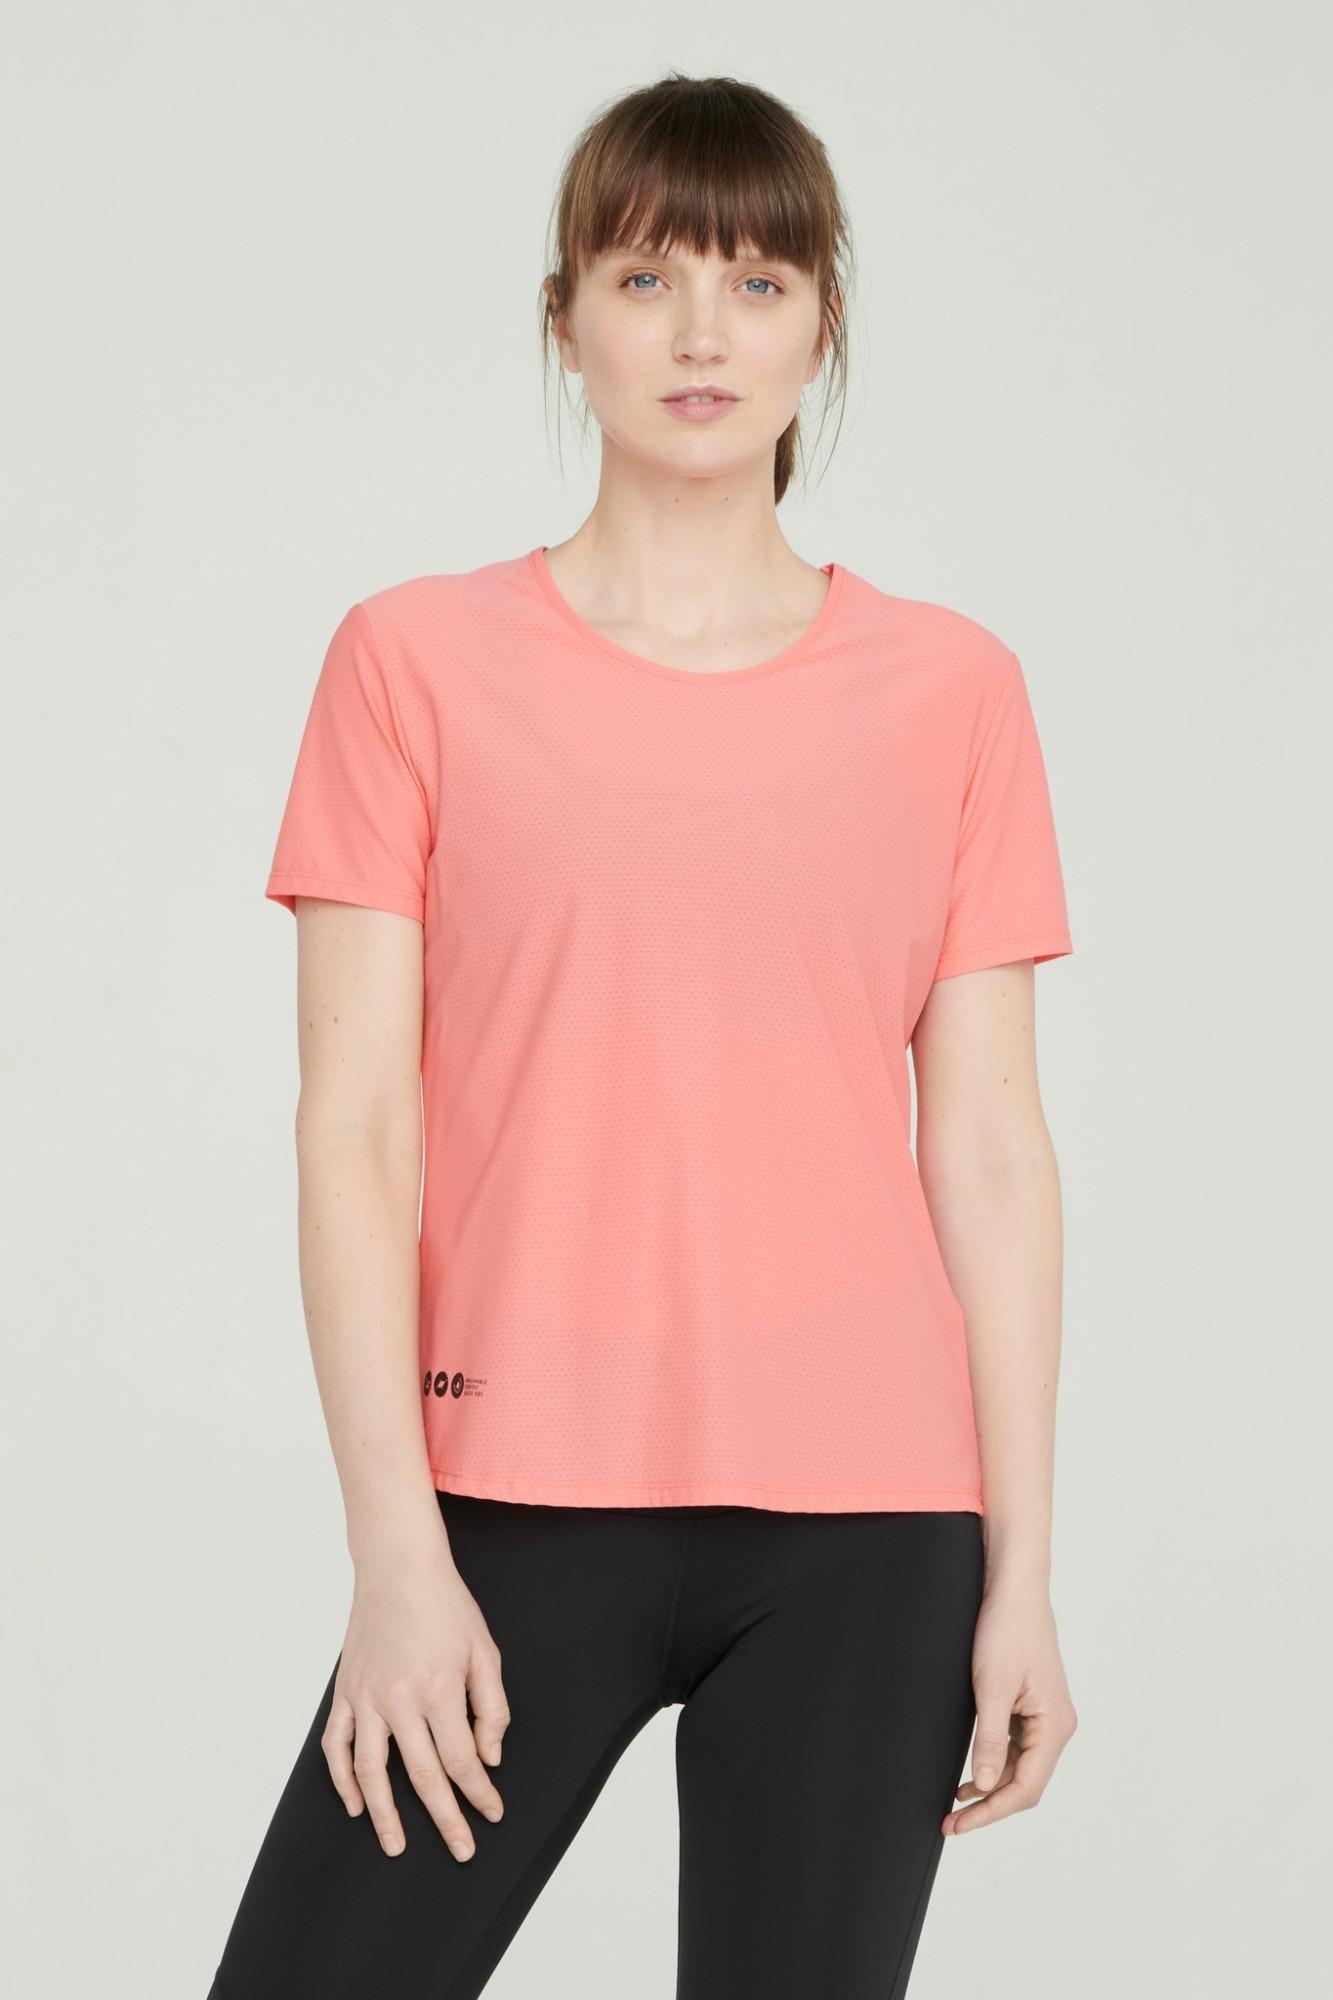 AUDIMAS Lengvi funkcionalūs marškinėliai 2111-051 Sunkist Coral M